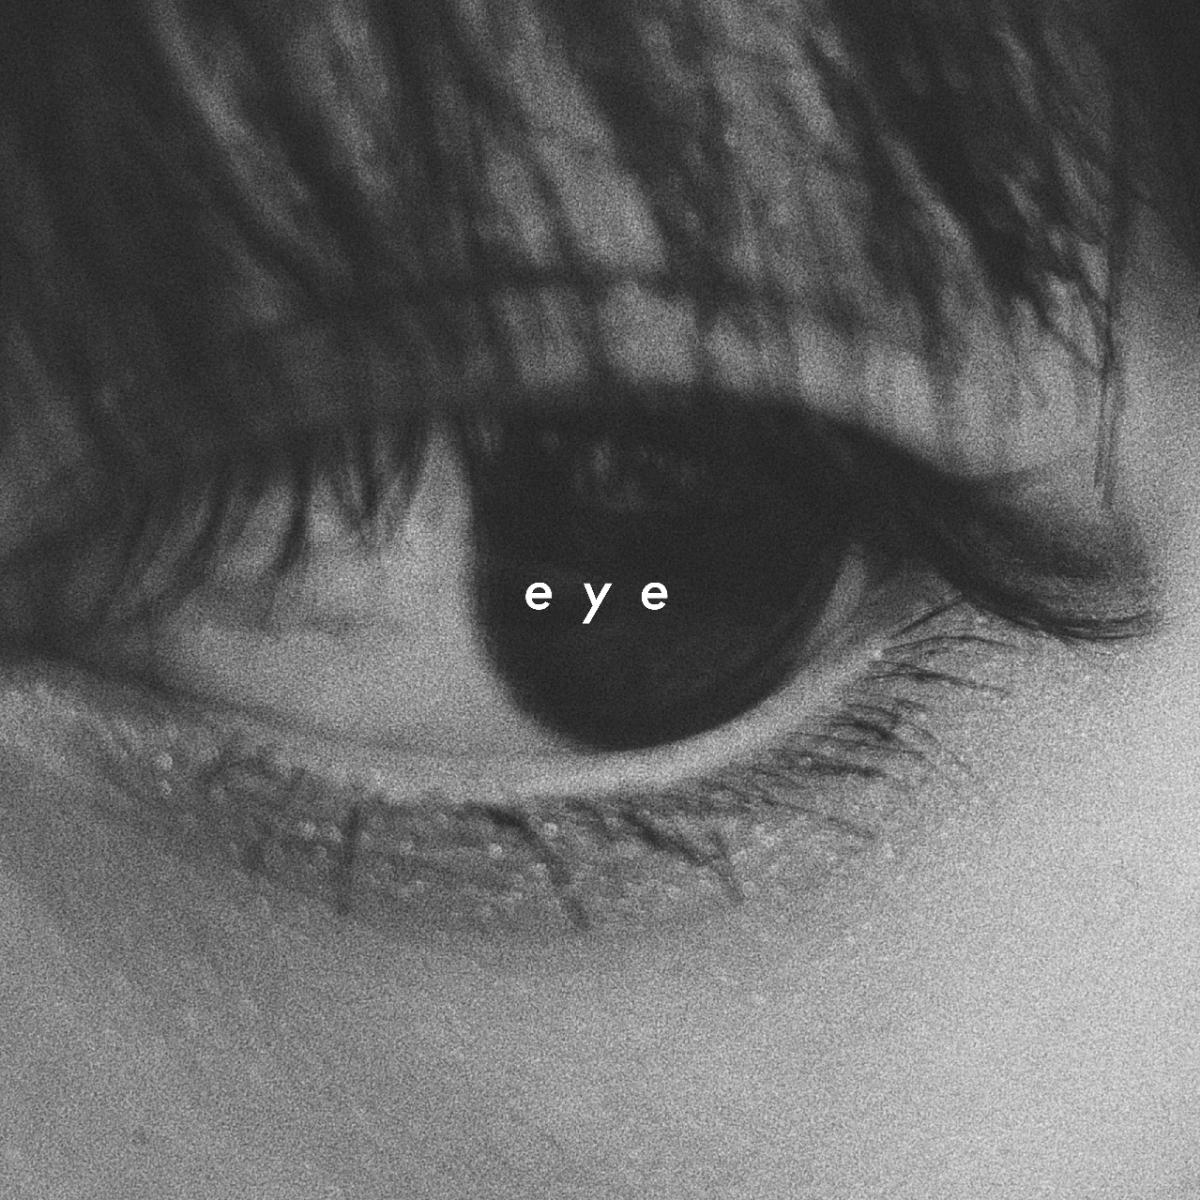 『eye』ジャケット